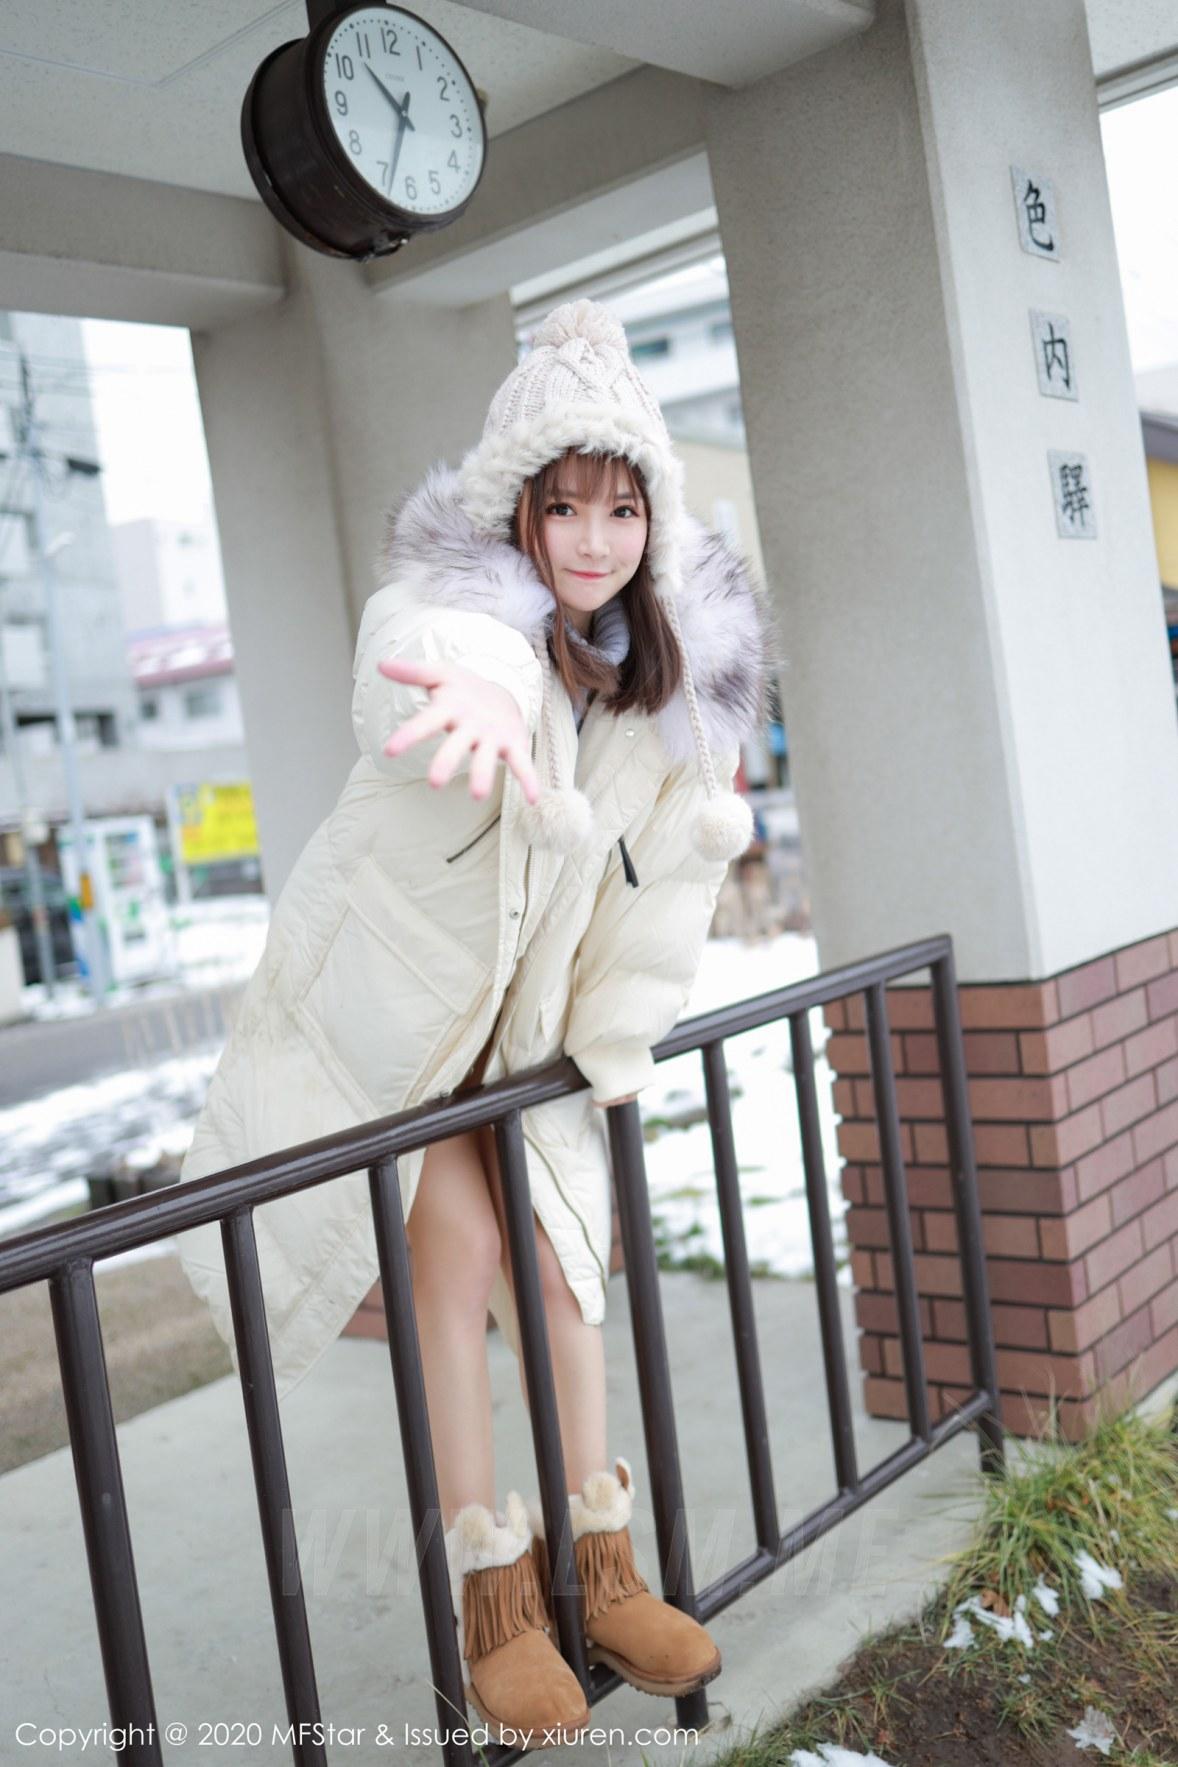 MFStar 模范学院 Vol.262 开背毛衣系列 恩率babe 北海道旅拍写真 - 2